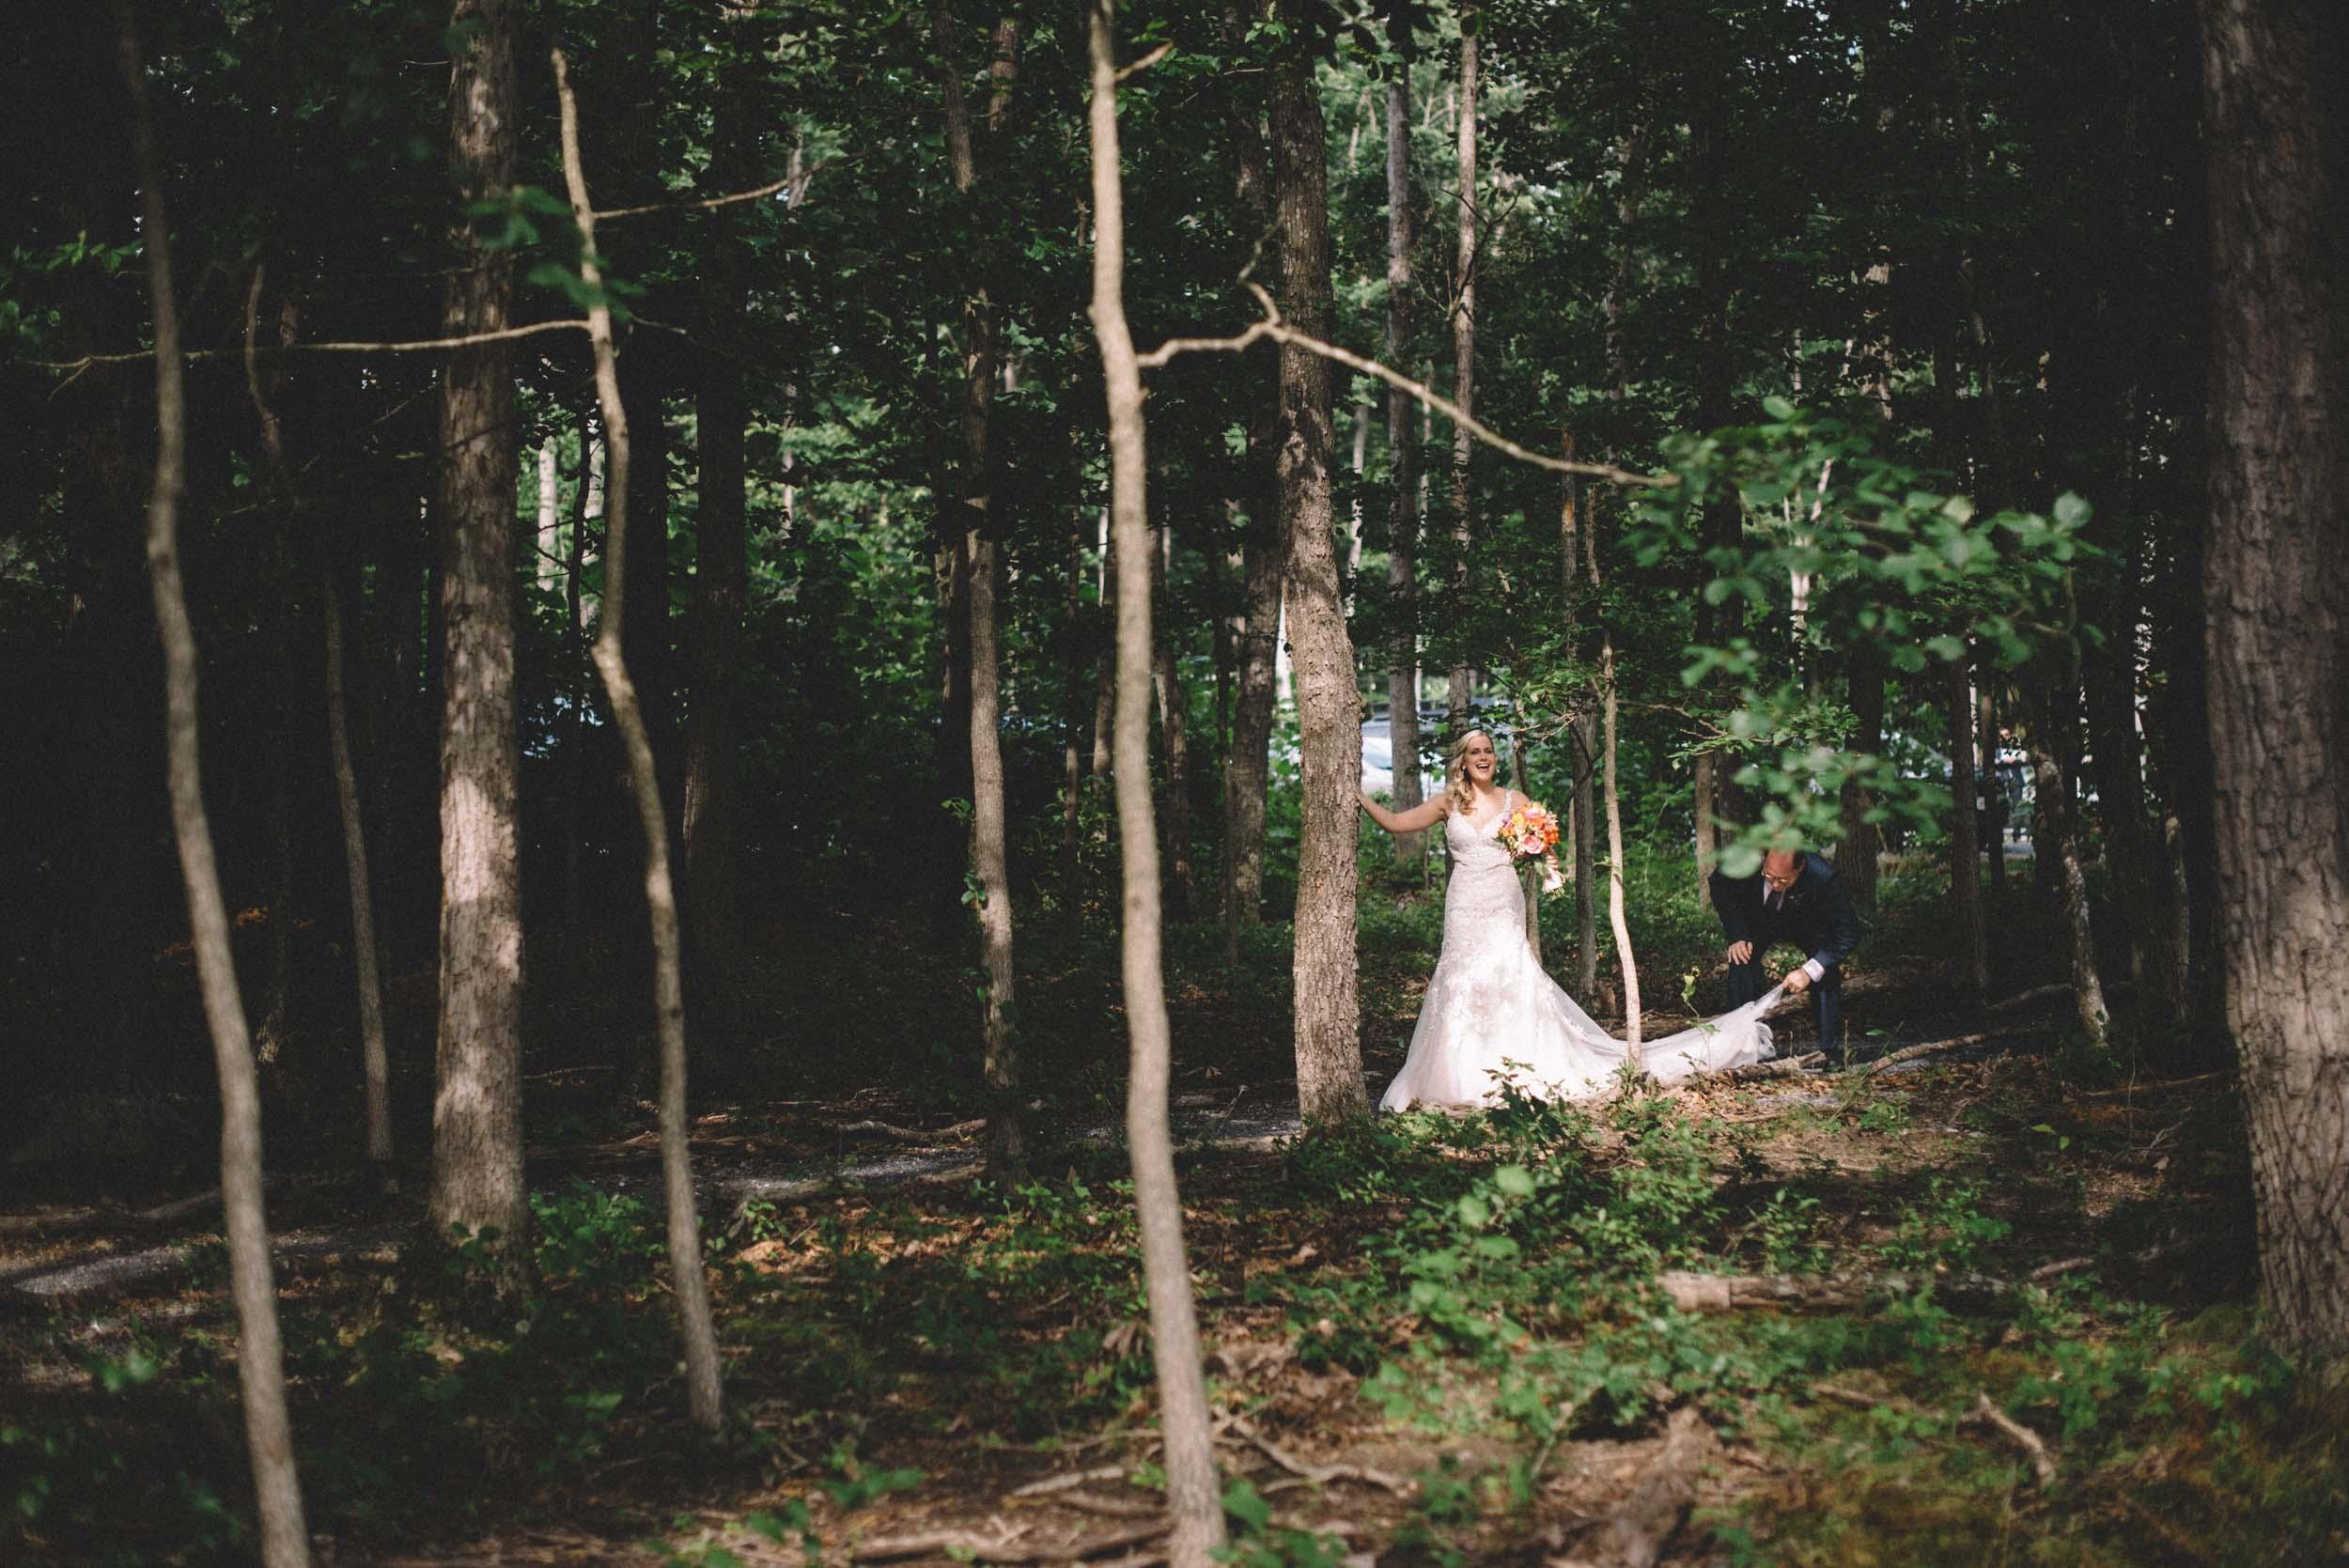 Wedding ceremony at Shenandoah Woods